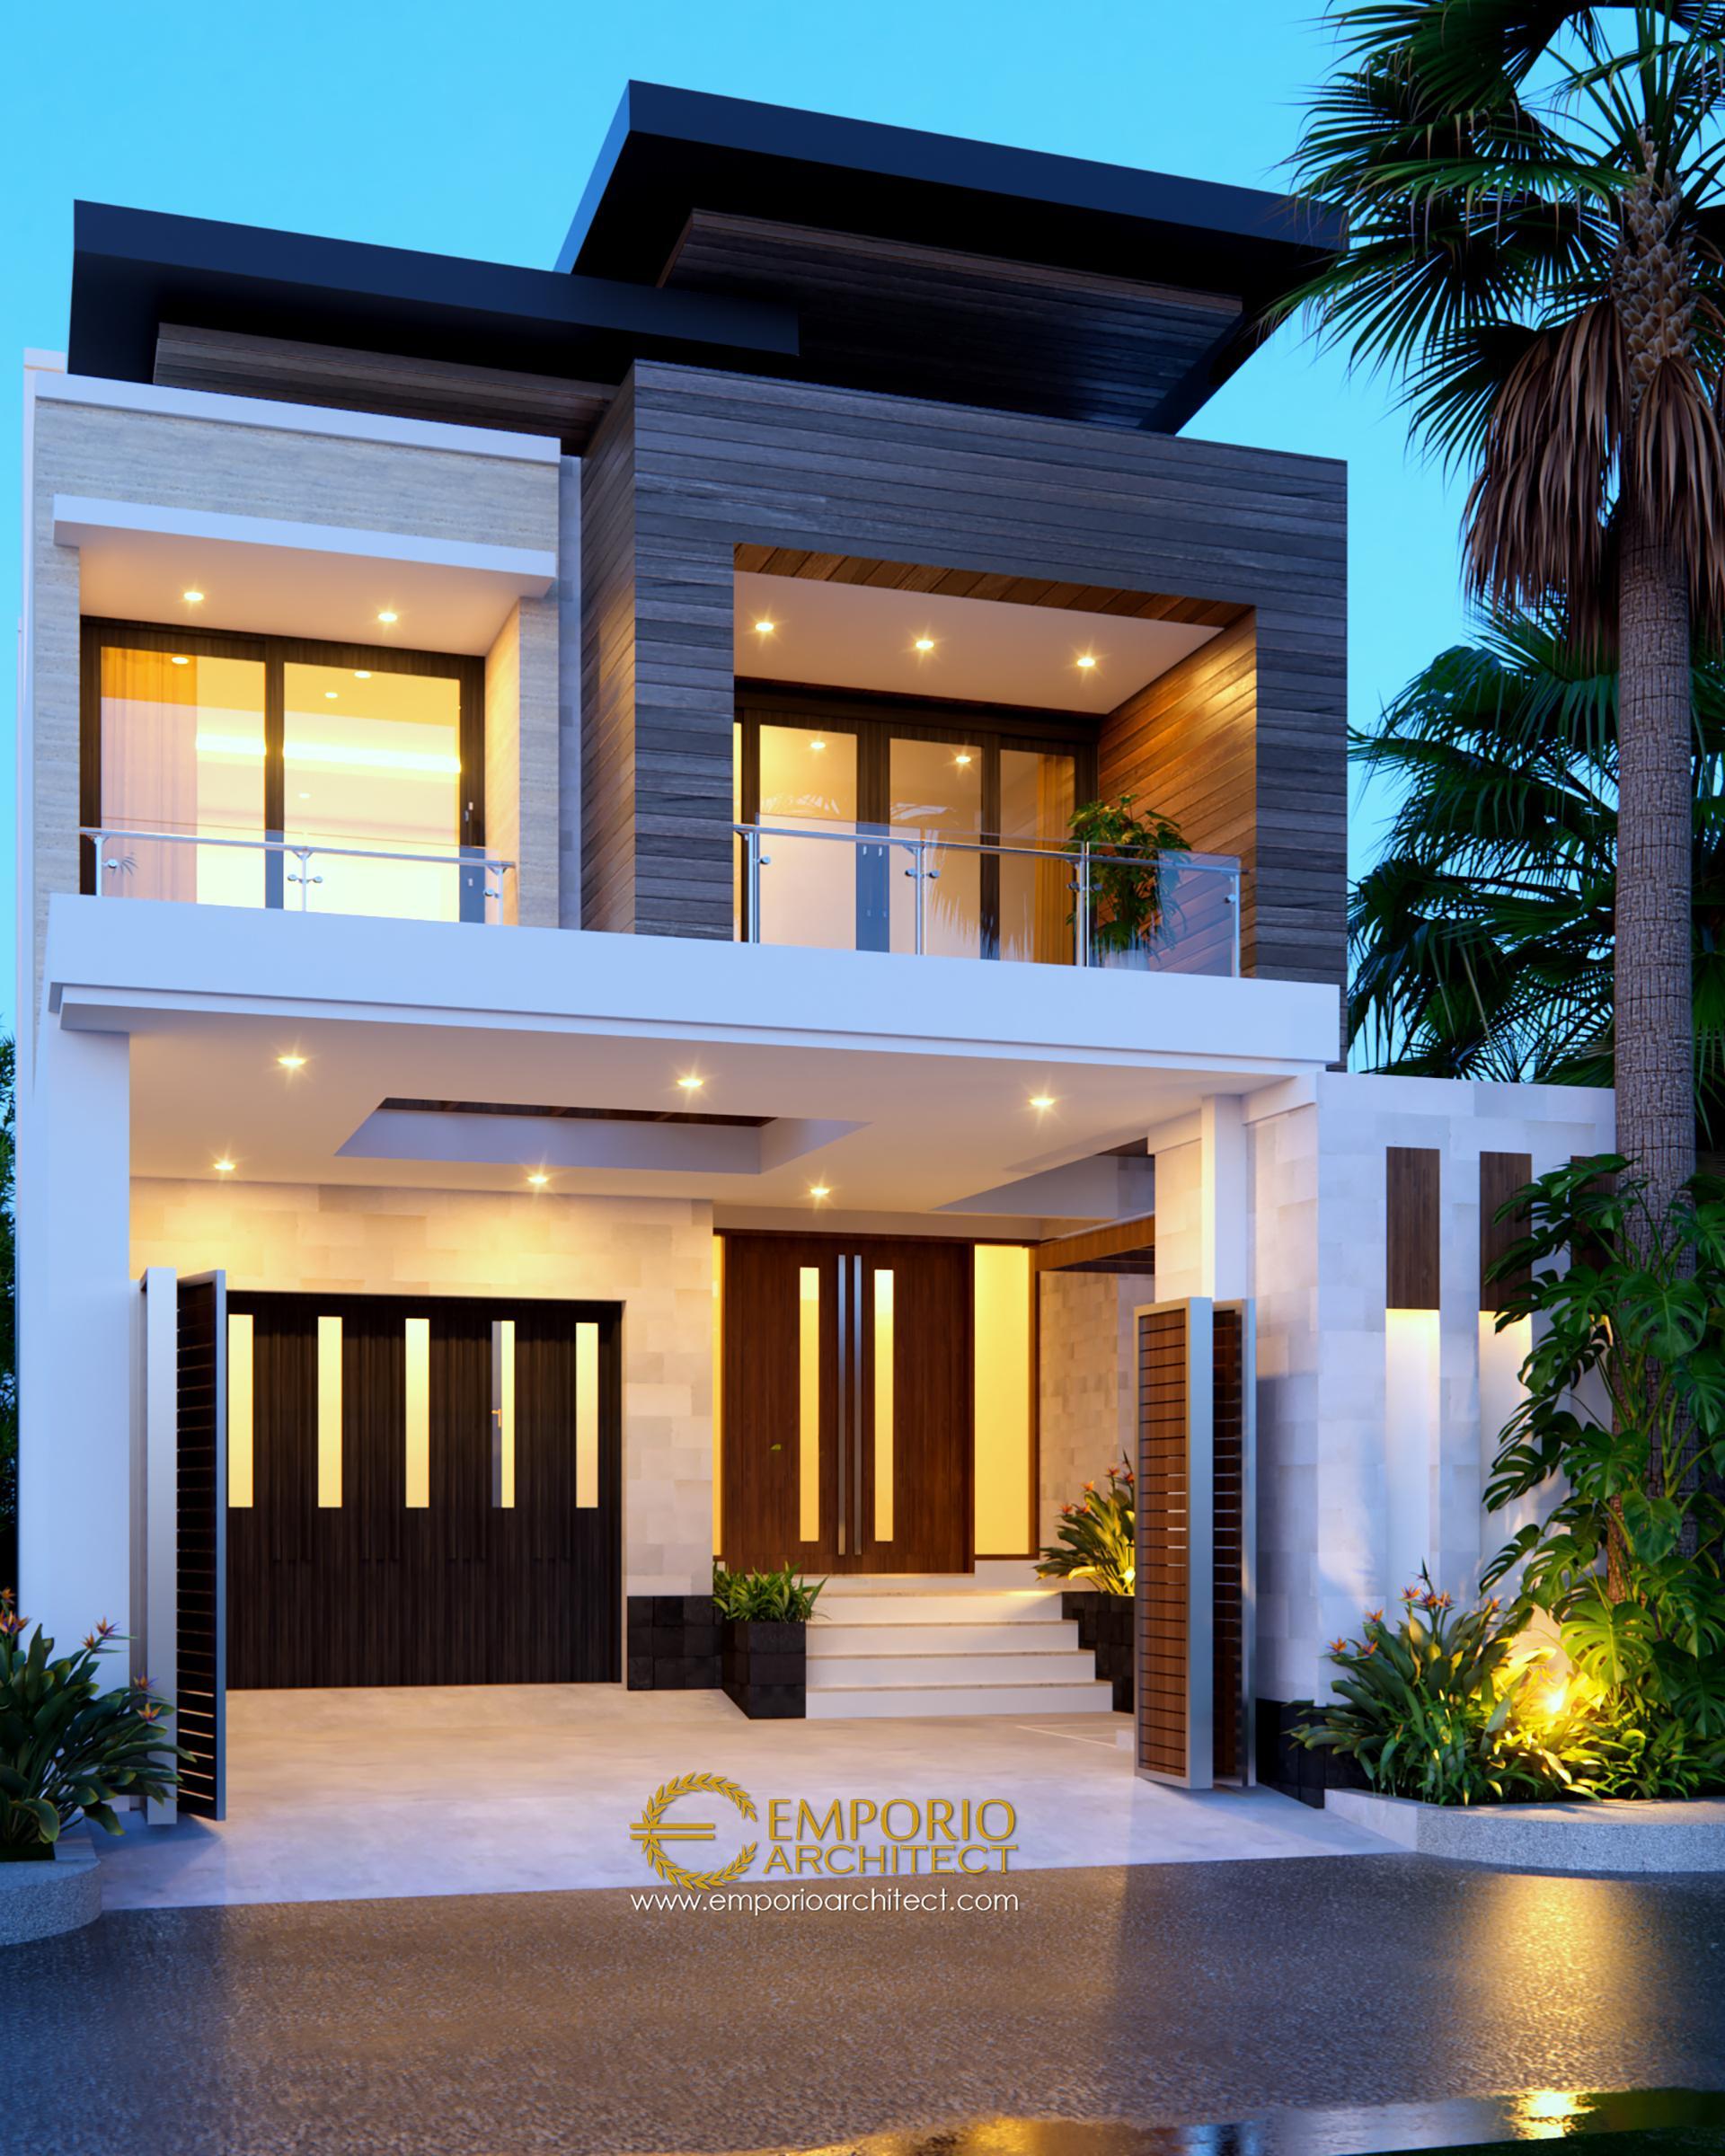 Desain Rumah Modern 2 Lantai Ibu Via di Semarang